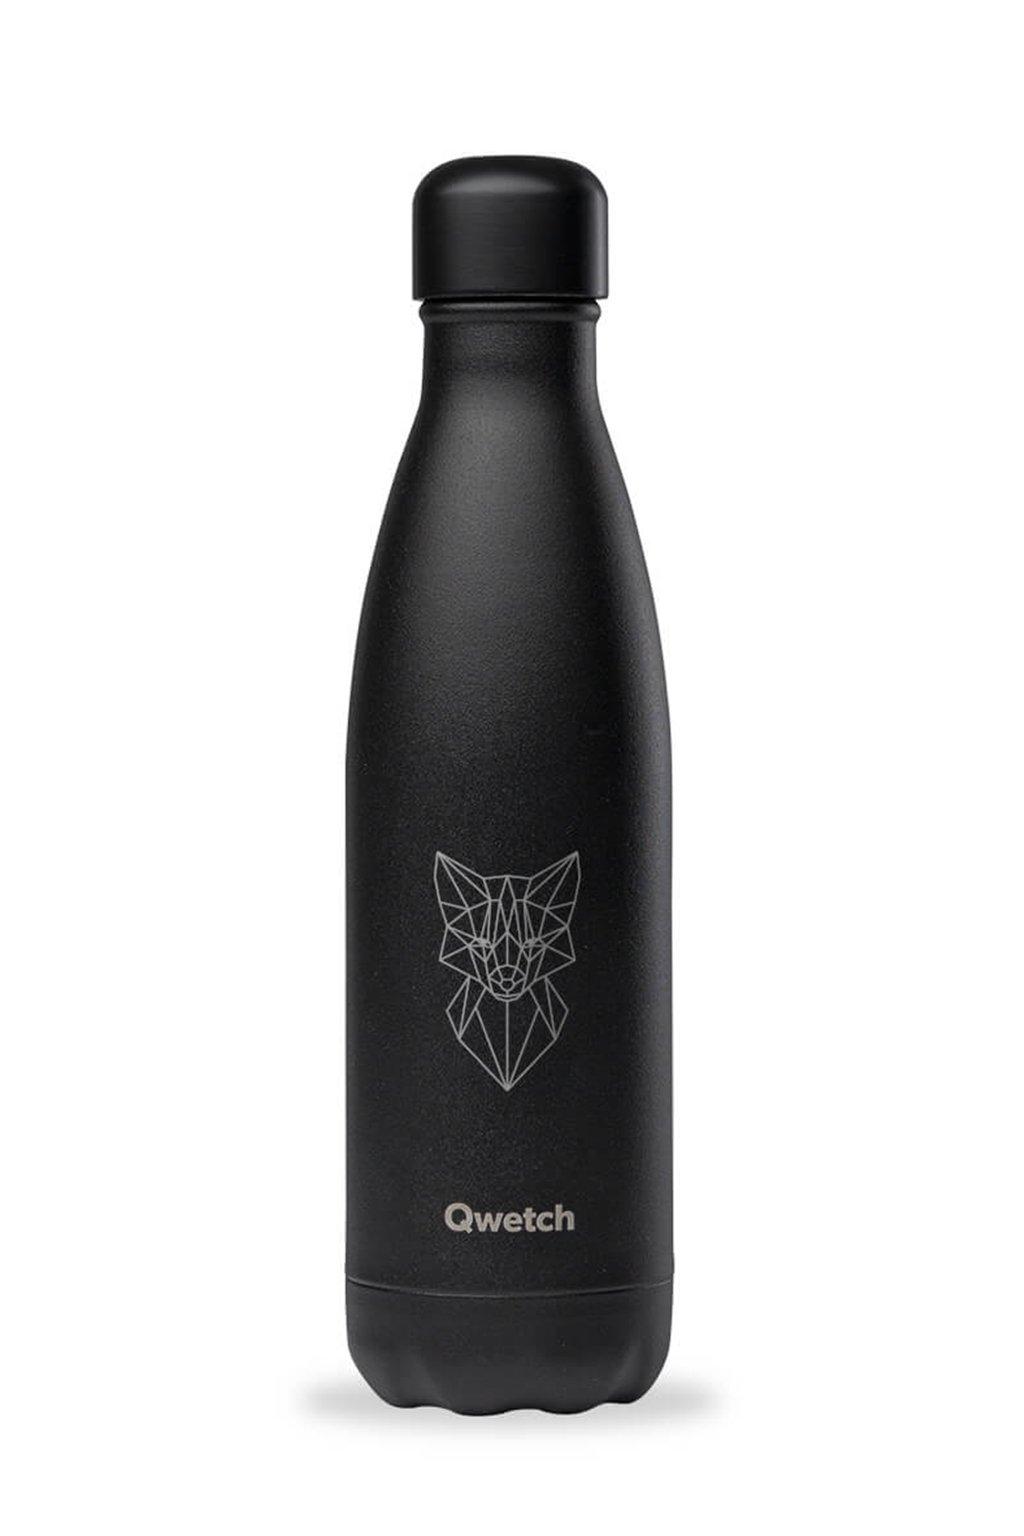 Cierna flaska nerezova termo Qwetch 0,5l Fox